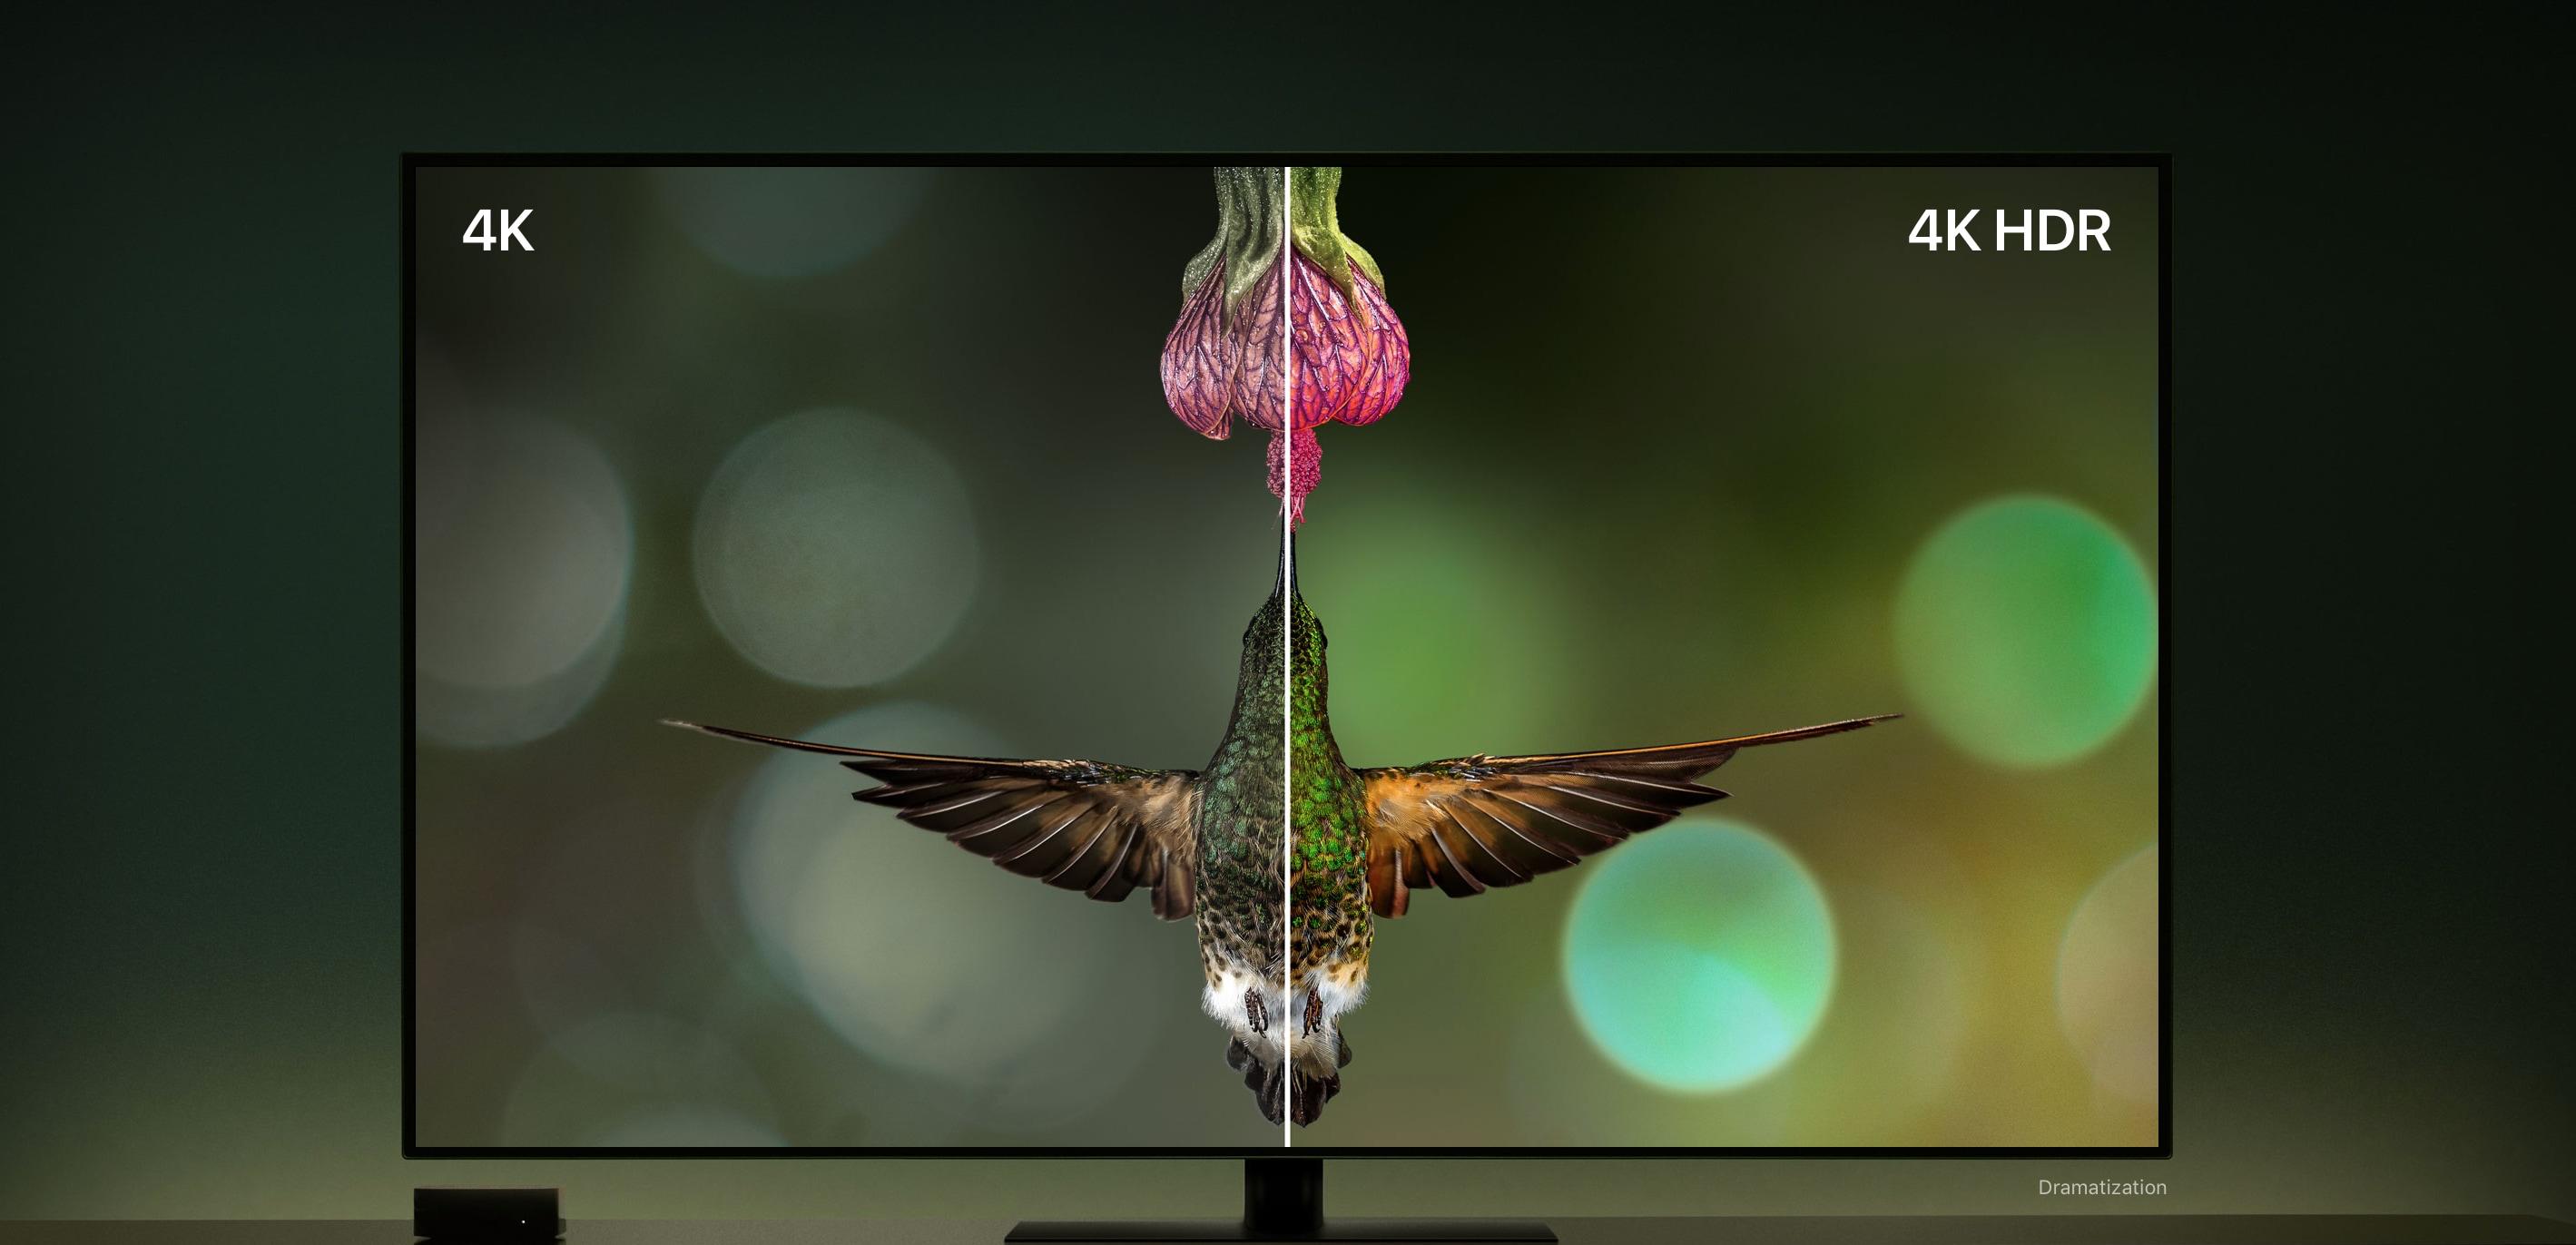 Diferença entre uma TV 4K e uma 4K/HDR